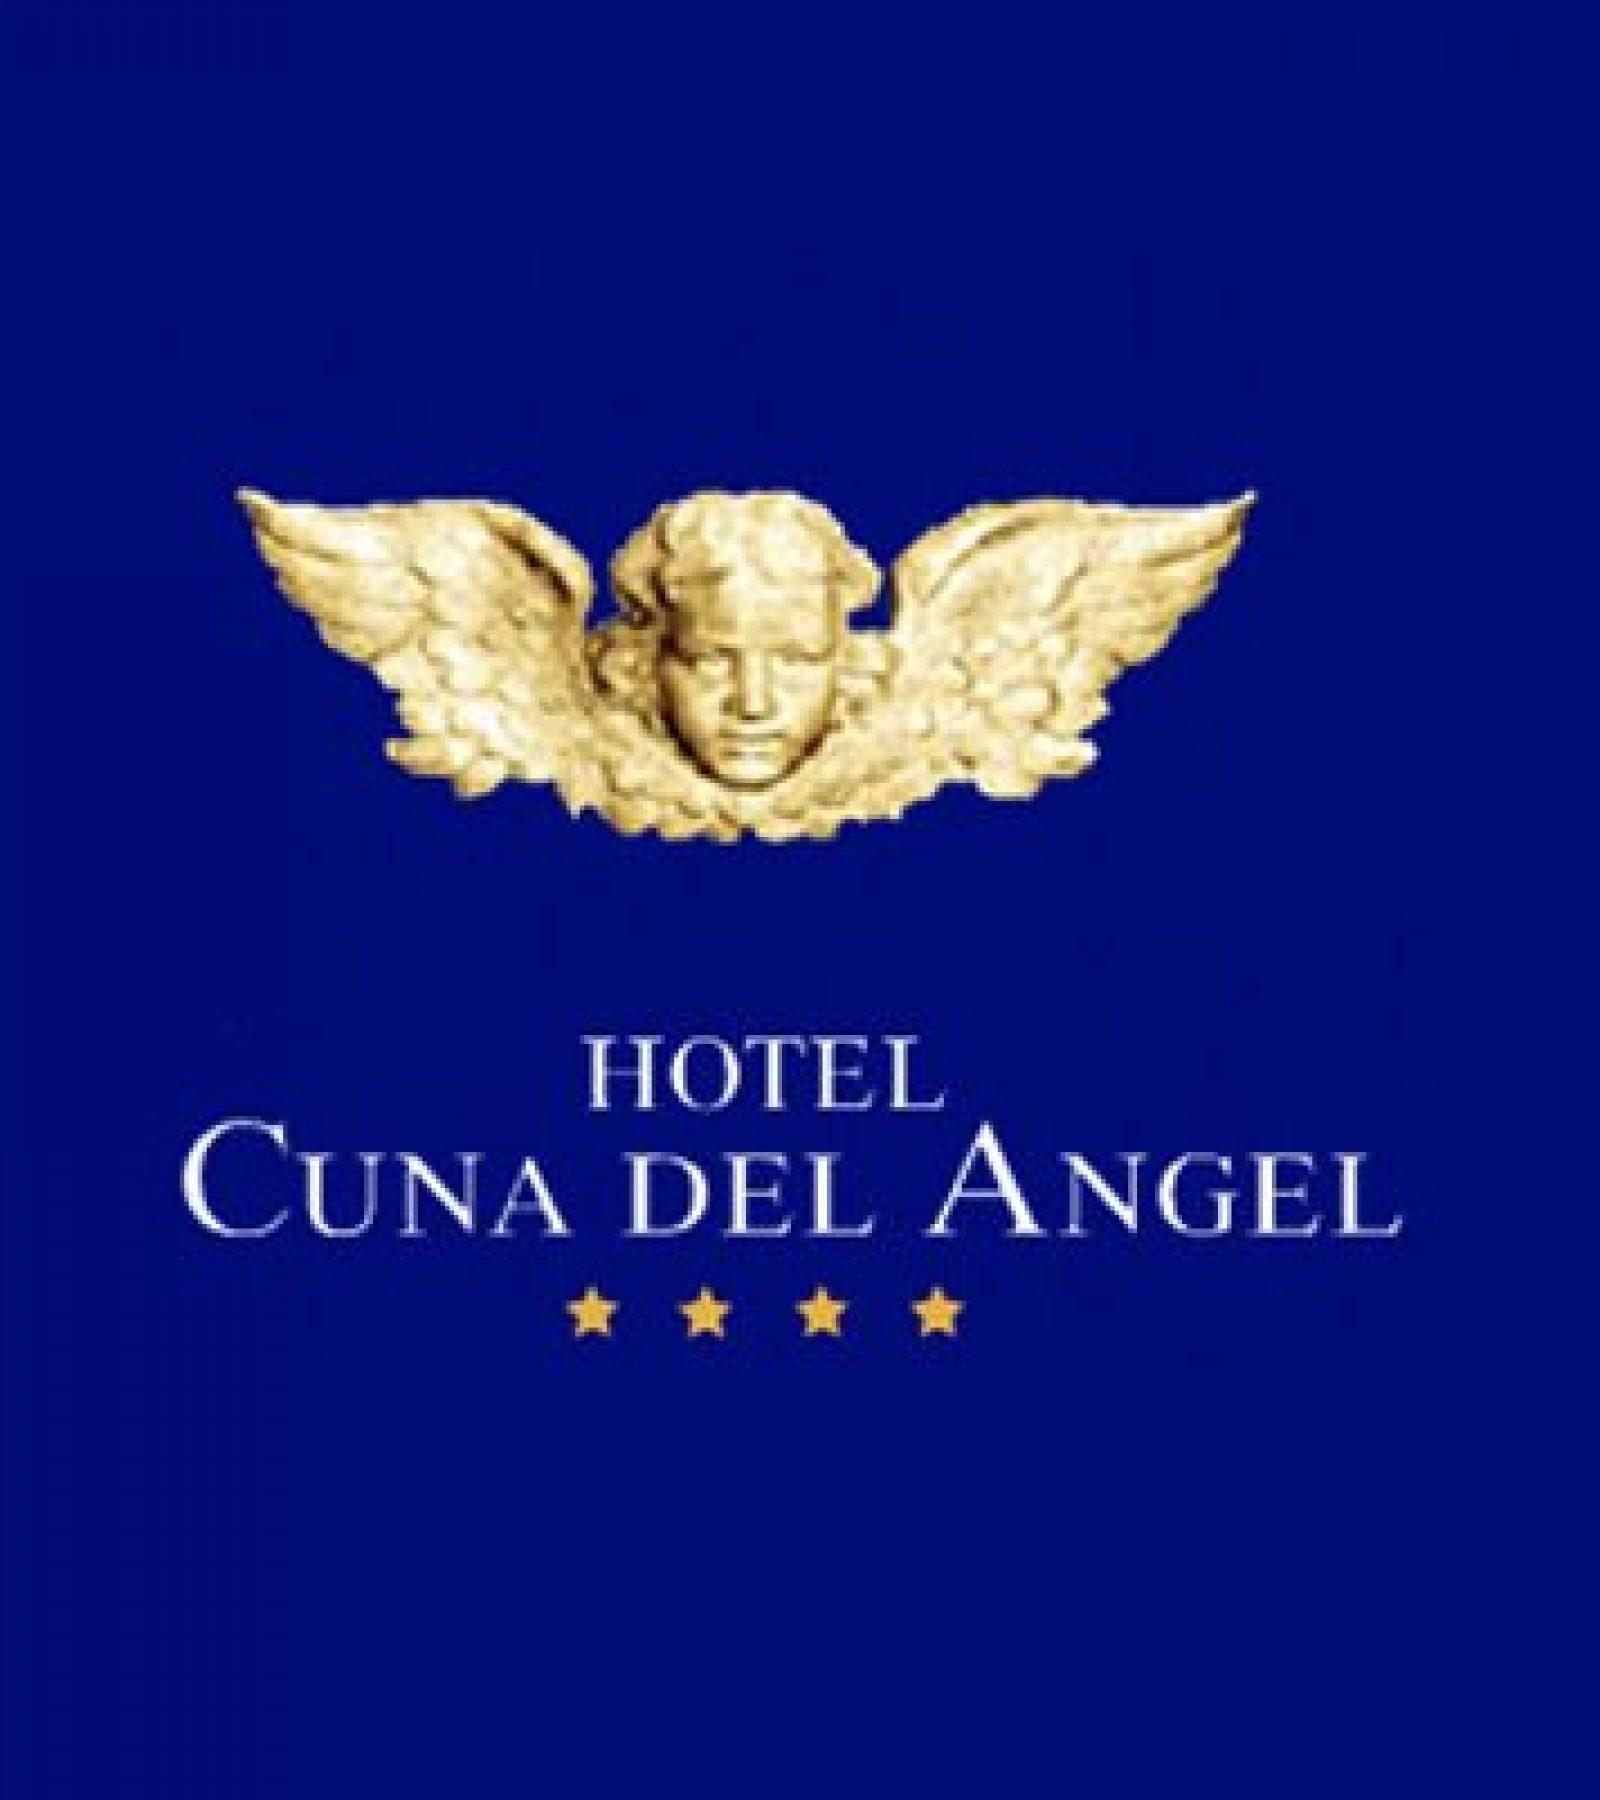 cunadel-angel